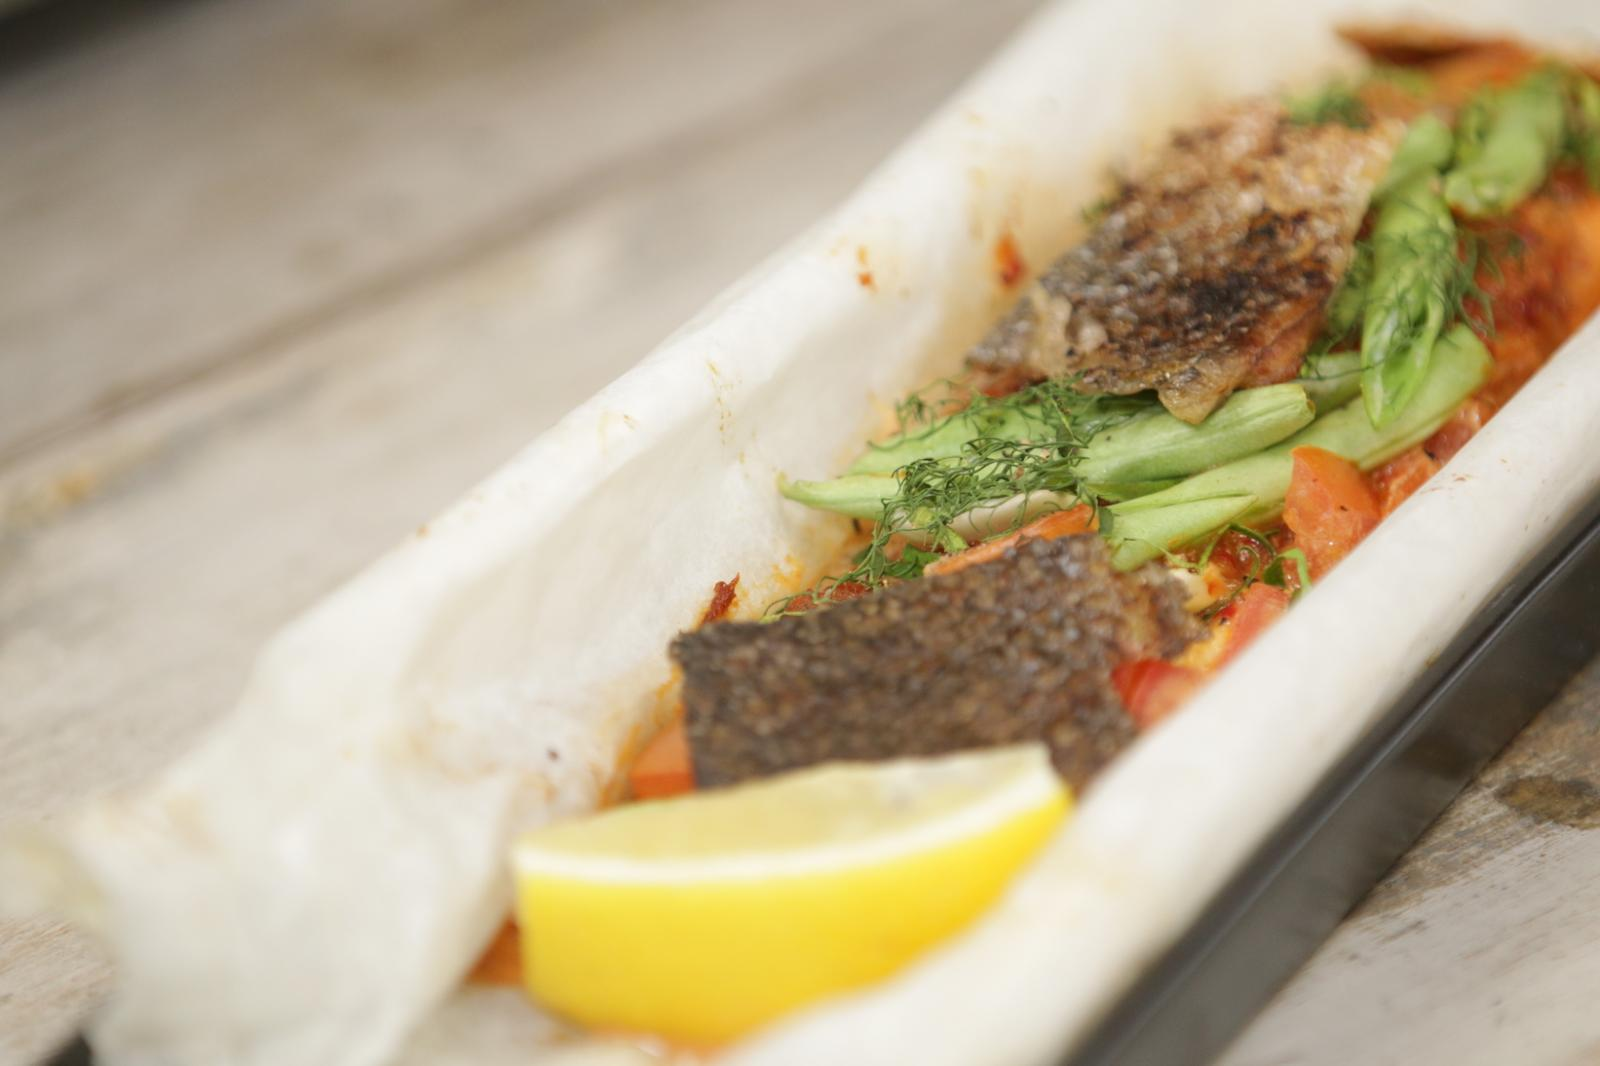 ฟิเลย์ปลาอบพริกแกงถั่วแขก by  ชมพู่ ก่อนบ่าย